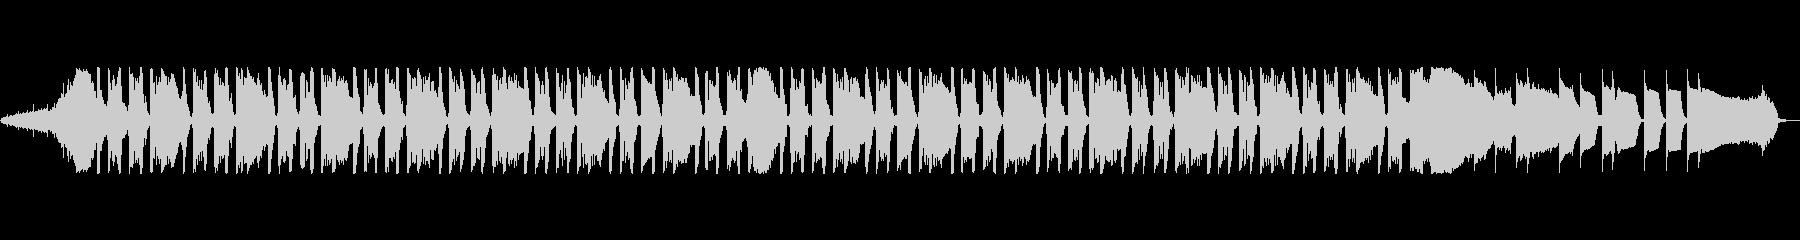 通信IDには音の影響はありませんの未再生の波形